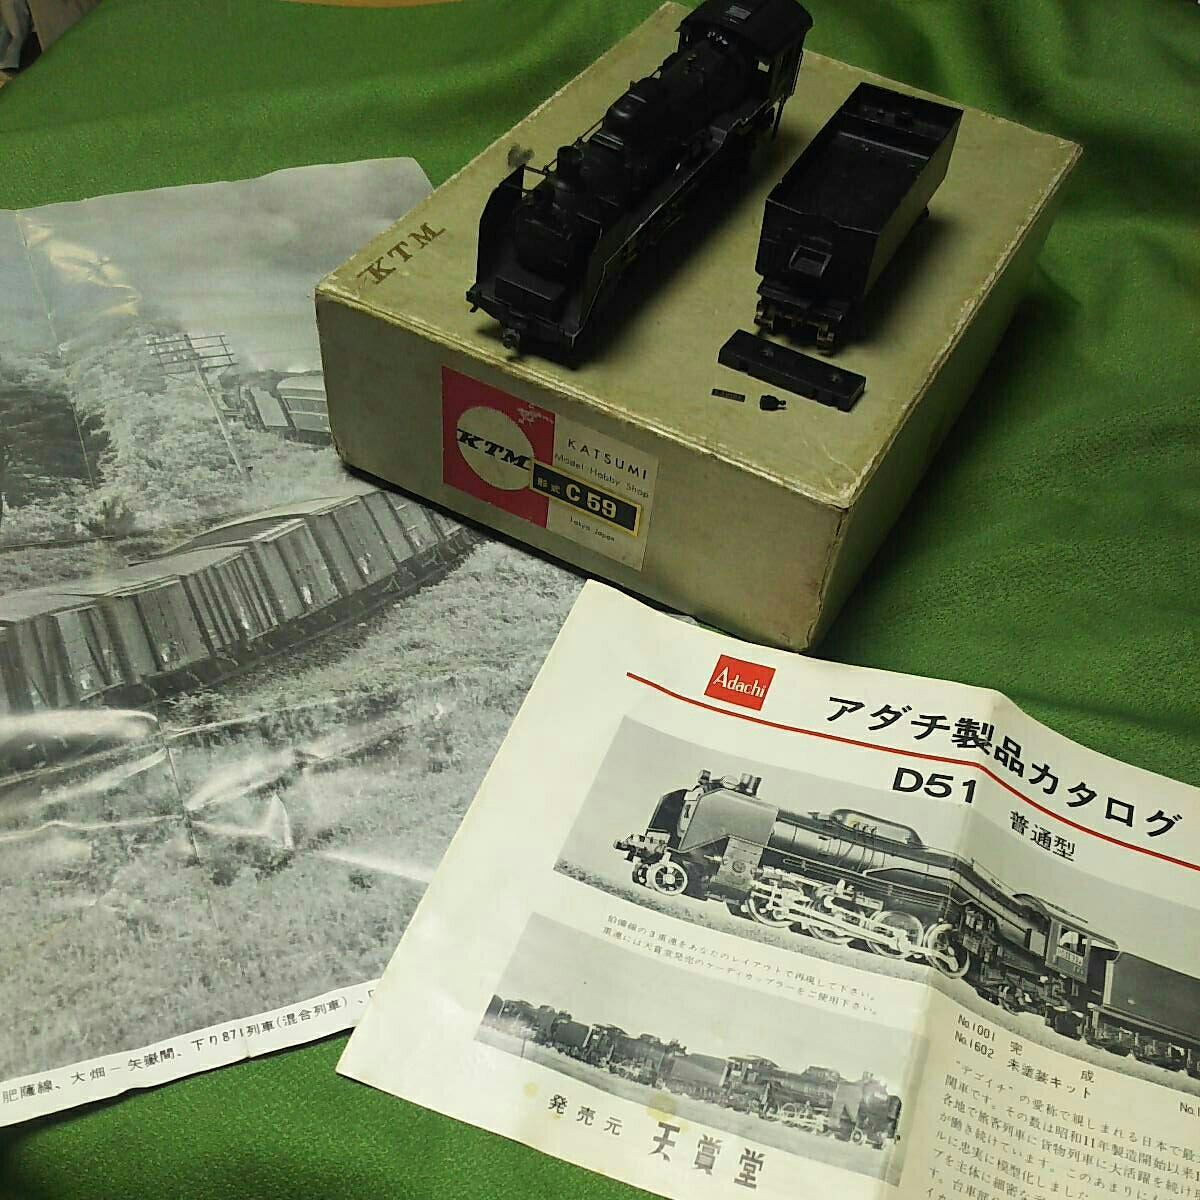 【一円スタート】KTM KATUMI カツミ 形式C59 蒸気機関車 HOゲージ 鉄道模型 ジャンク